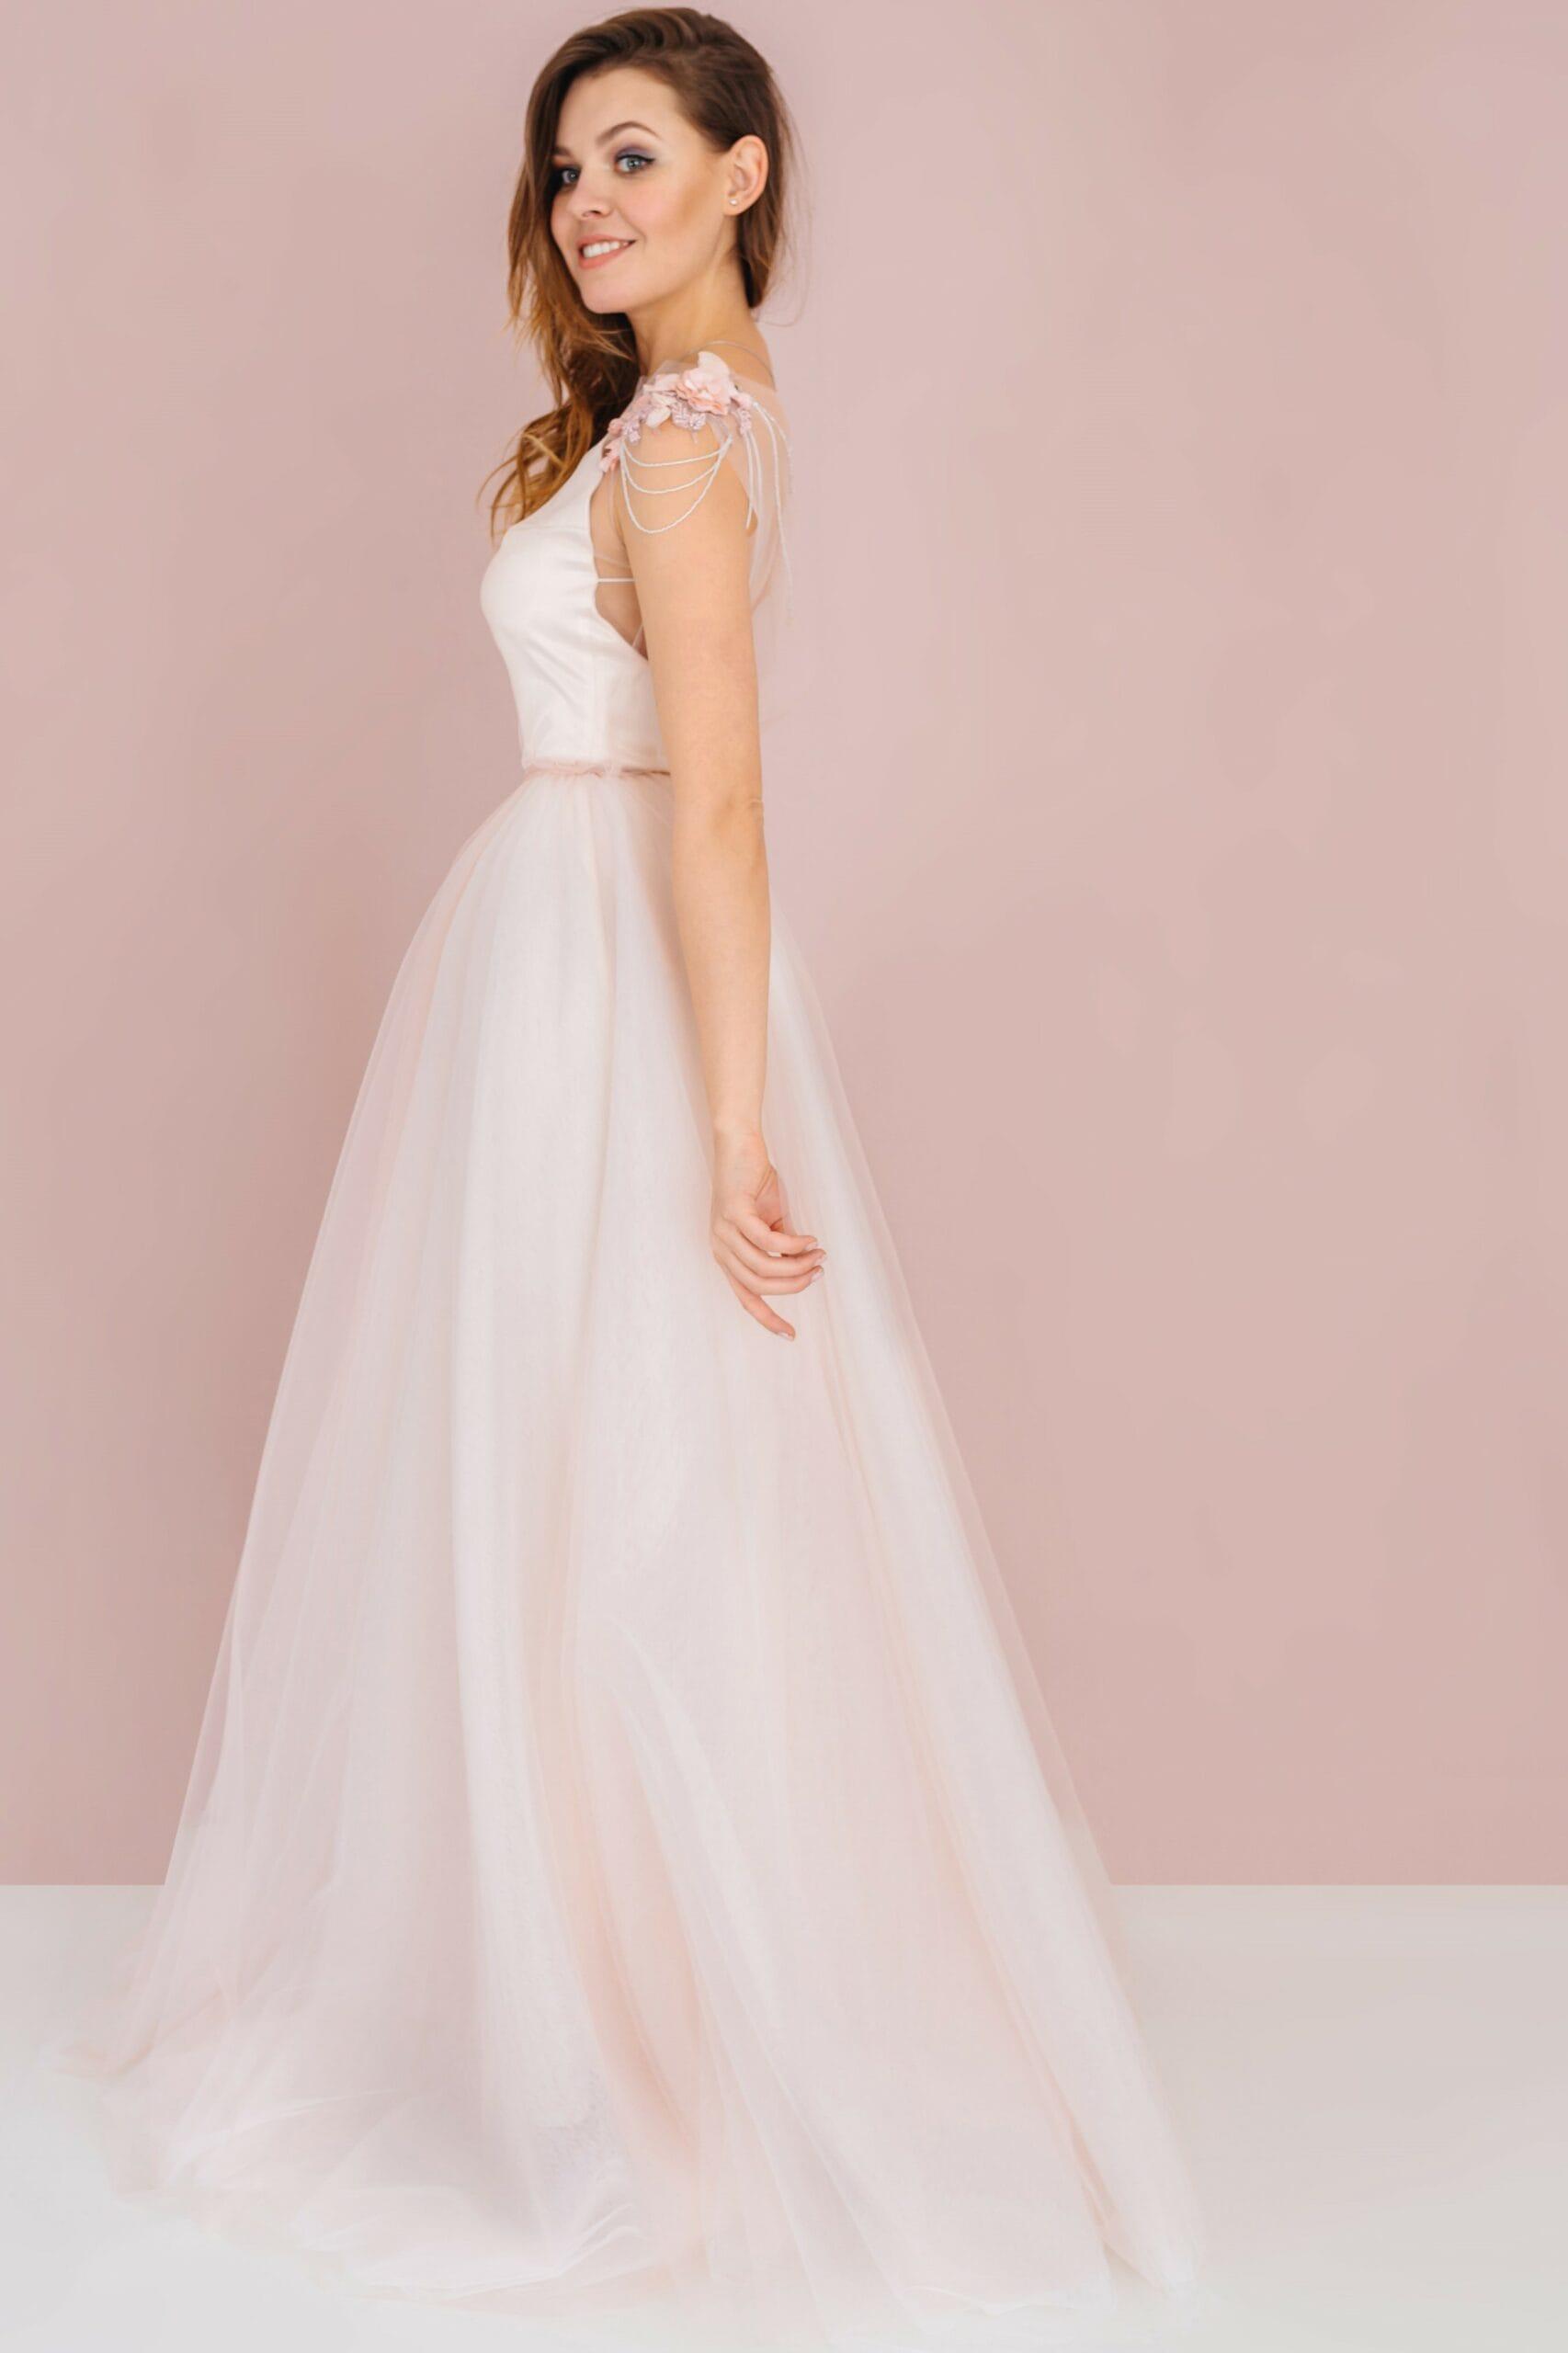 Свадебное платье BRITANY, коллекция LOFT, бренд RARE BRIDAL, фото 3